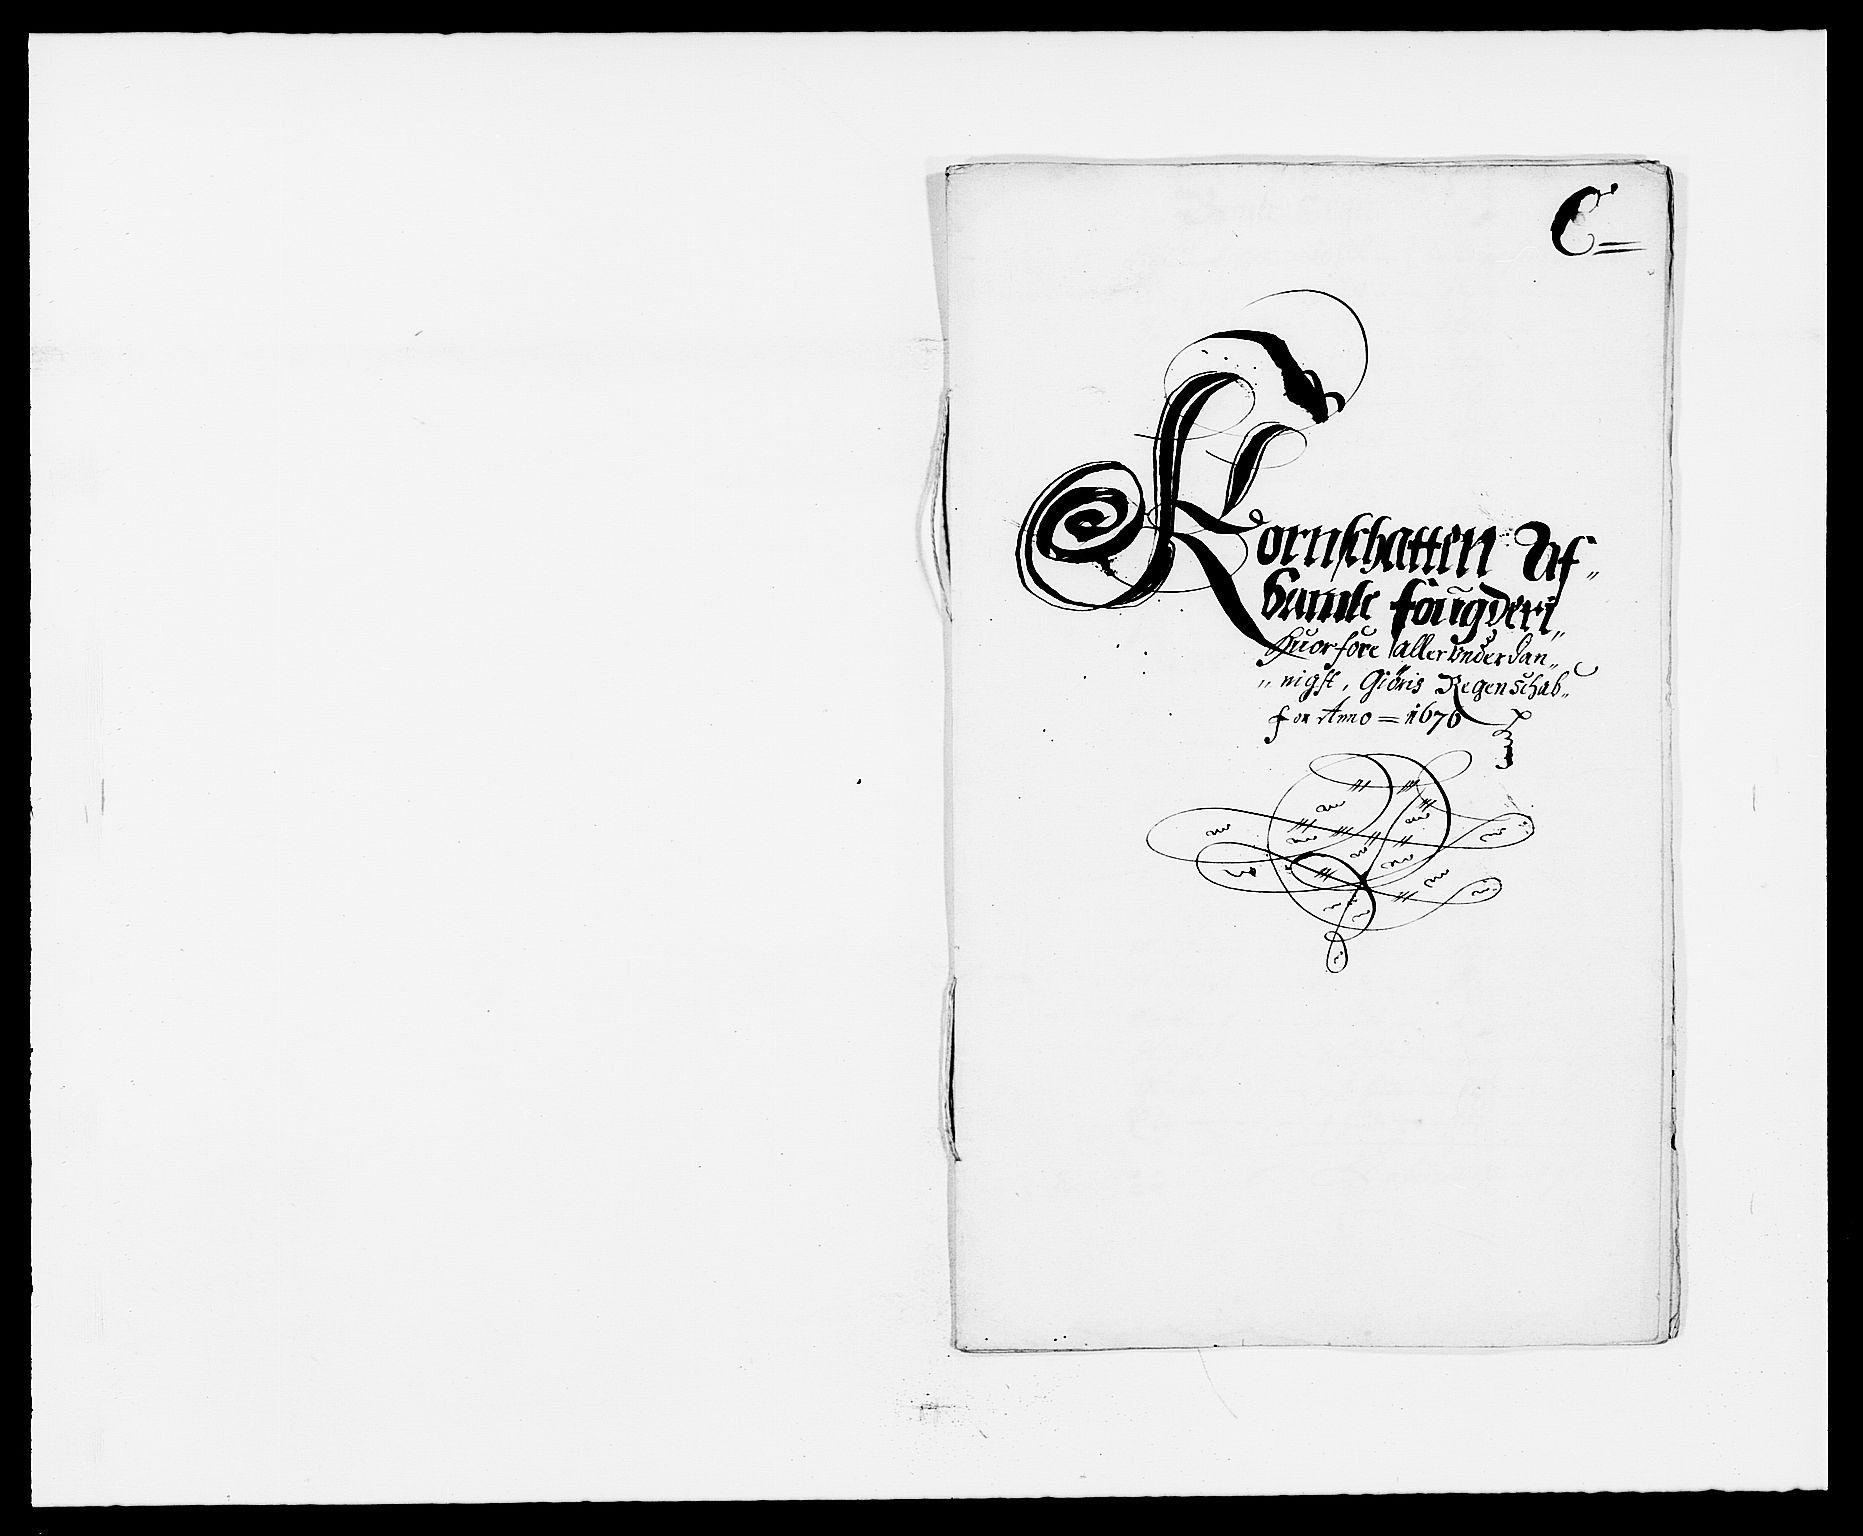 RA, Rentekammeret inntil 1814, Reviderte regnskaper, Fogderegnskap, R34/L2043: Fogderegnskap Bamble, 1676-1677, s. 75